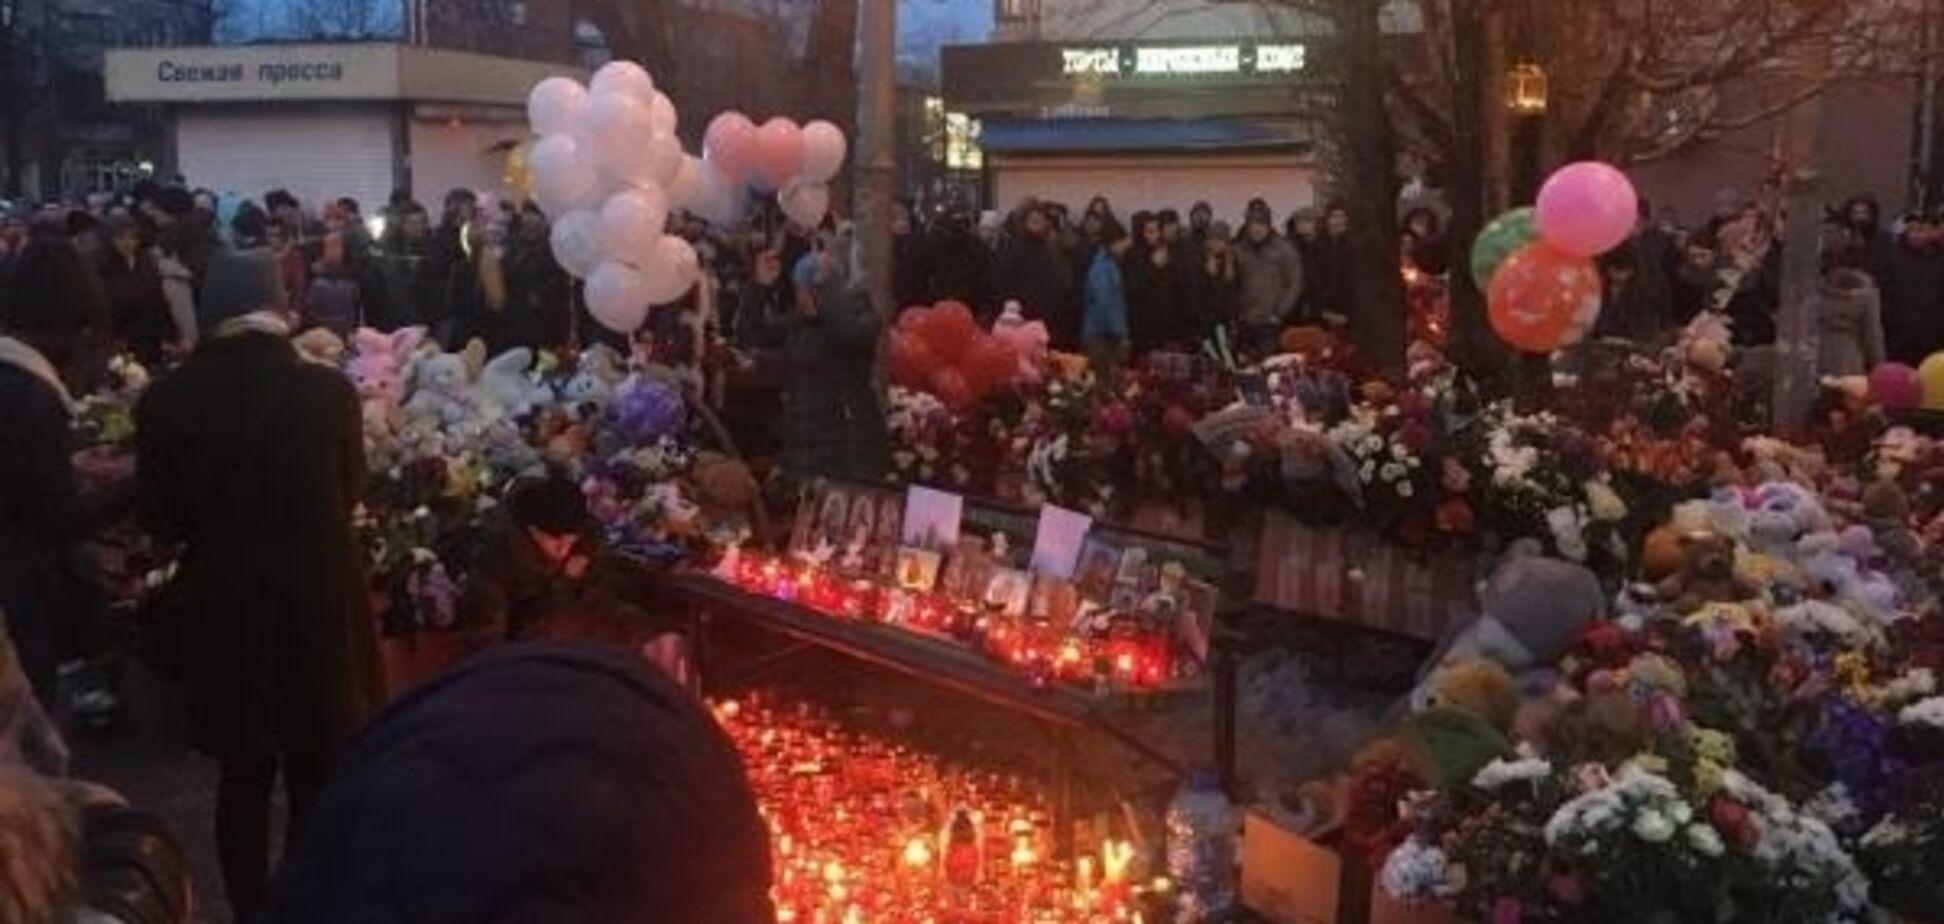 Трагедия в Кемерово: всплыли возмутительные подробности ЧП